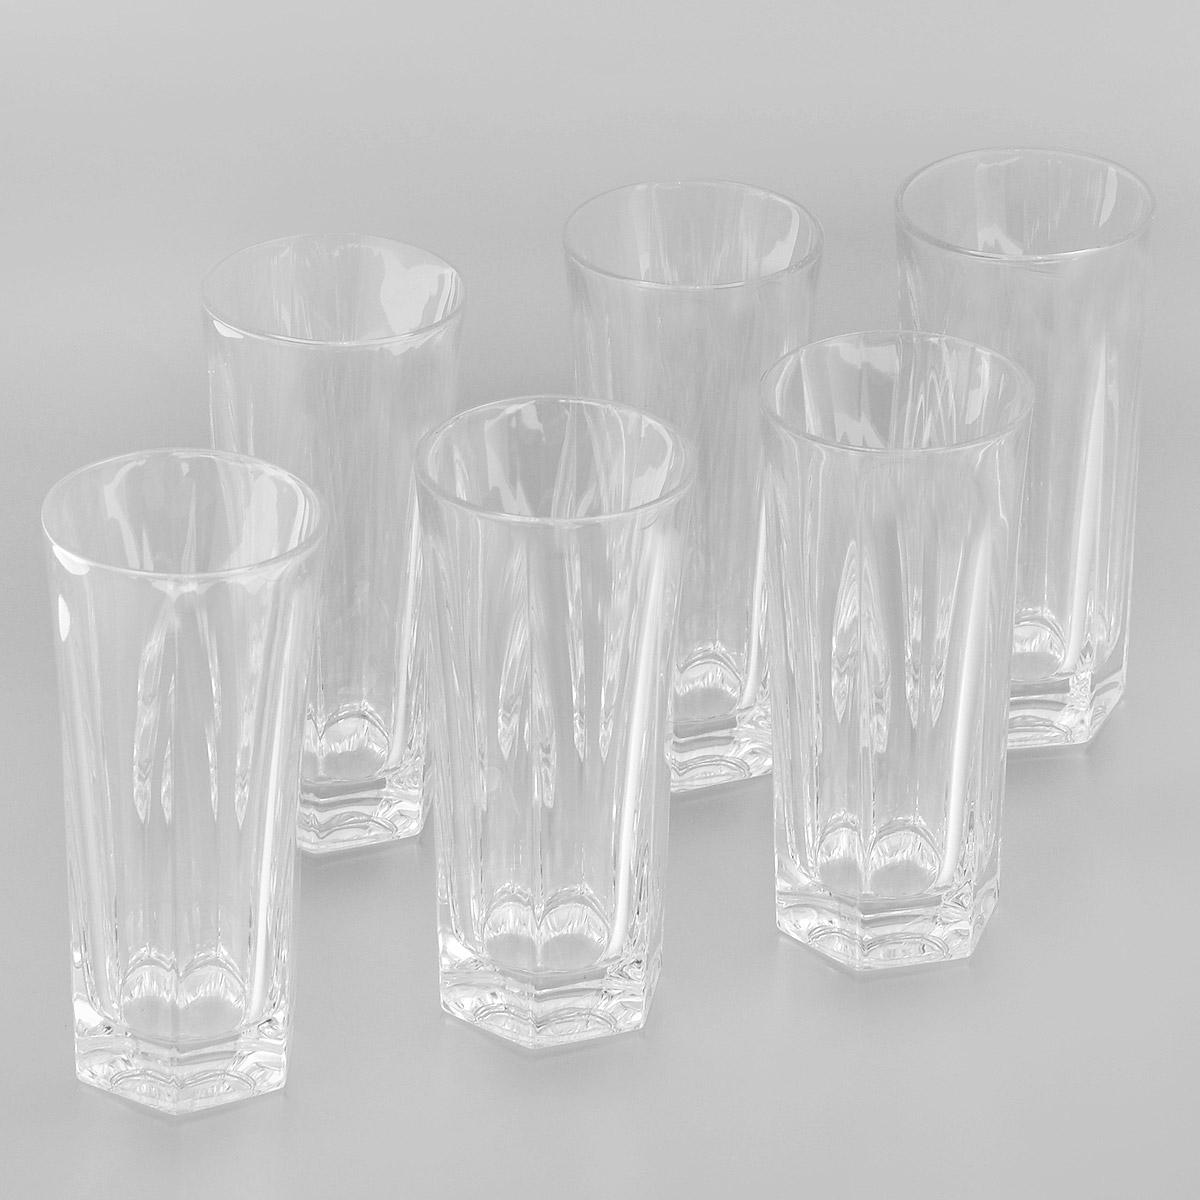 Набор стаканов для воды Crystal Bohemia, 350 мл, 6 штAC2-01Набор для воды Crystal Bohemia состоит из шести граненых стаканов. Изделия выполнены из прочного высококачественного хрусталя. Они излучают приятный блеск и издают мелодичный звон. Набор предназначен для подачи воды. Набор Crystal Bohemia прекрасно оформит интерьер кабинета или гостиной и станет отличным дополнением бара. Такой набор также станет хорошим подарком к любому случаю. Диаметр по верхнему краю: 7 см.Высота стакана: 15,5 см.Диаметр основания: 6 см.